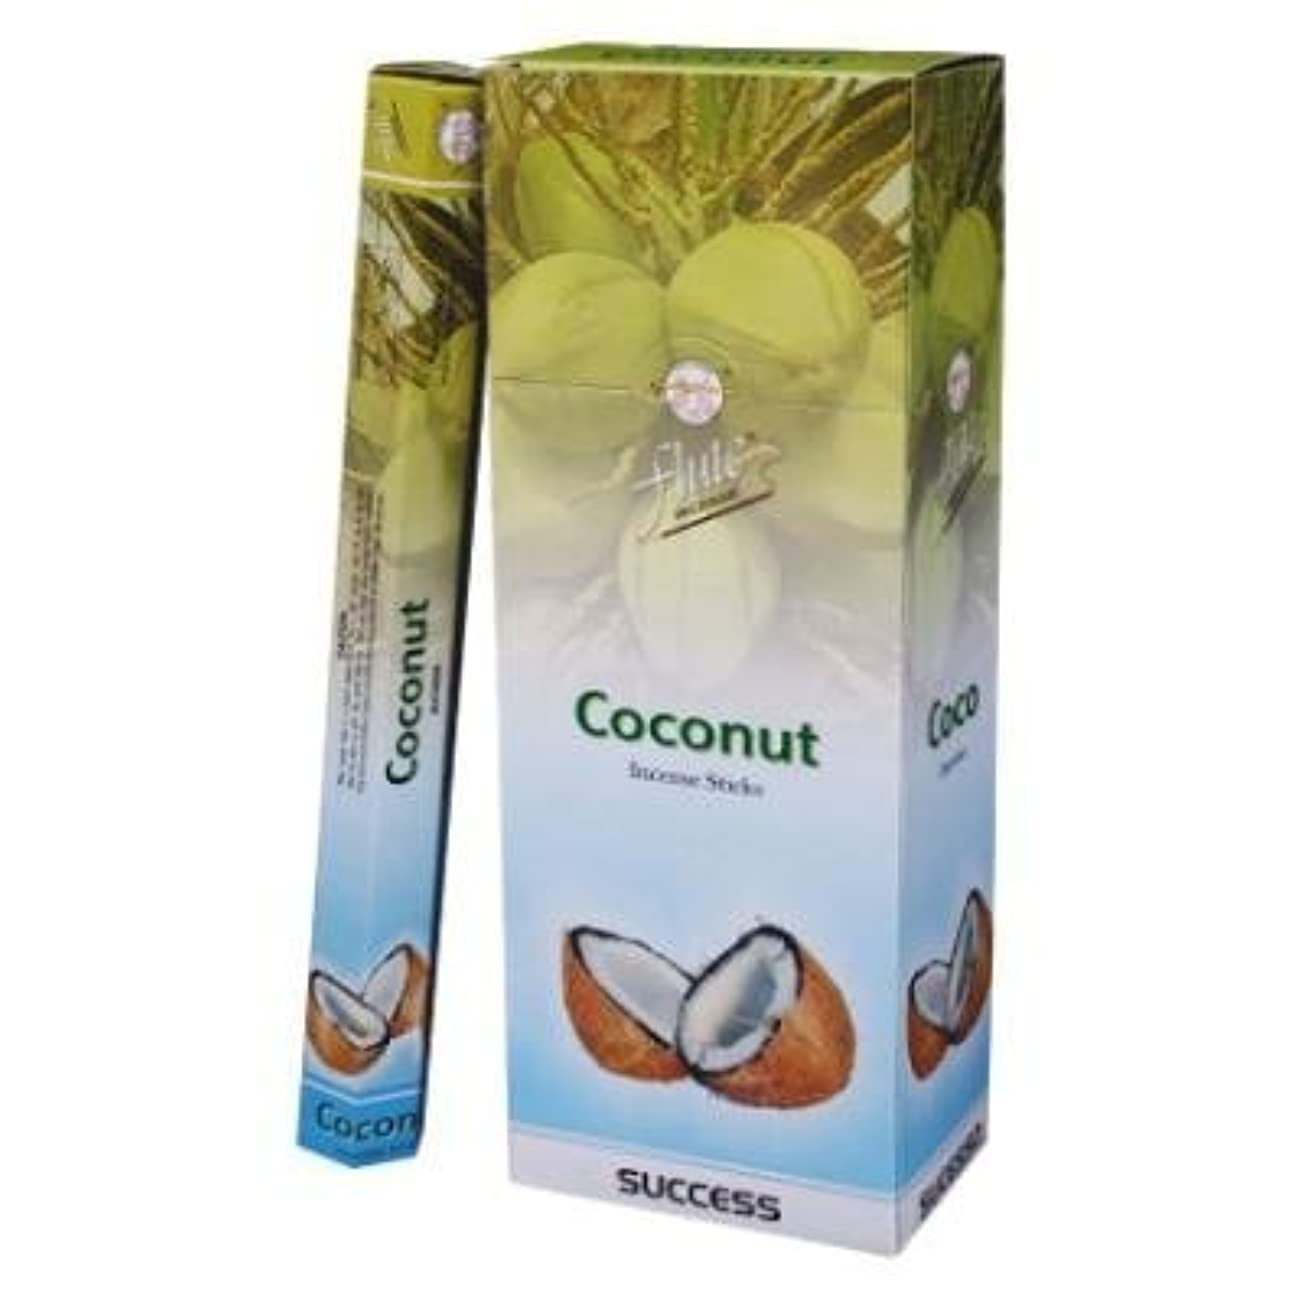 劣る仮定、想定。推測南アメリカFlute Coconut Hex Incense Sticks - 20 Sticks(Single Pack) by Flute Incense [並行輸入品]